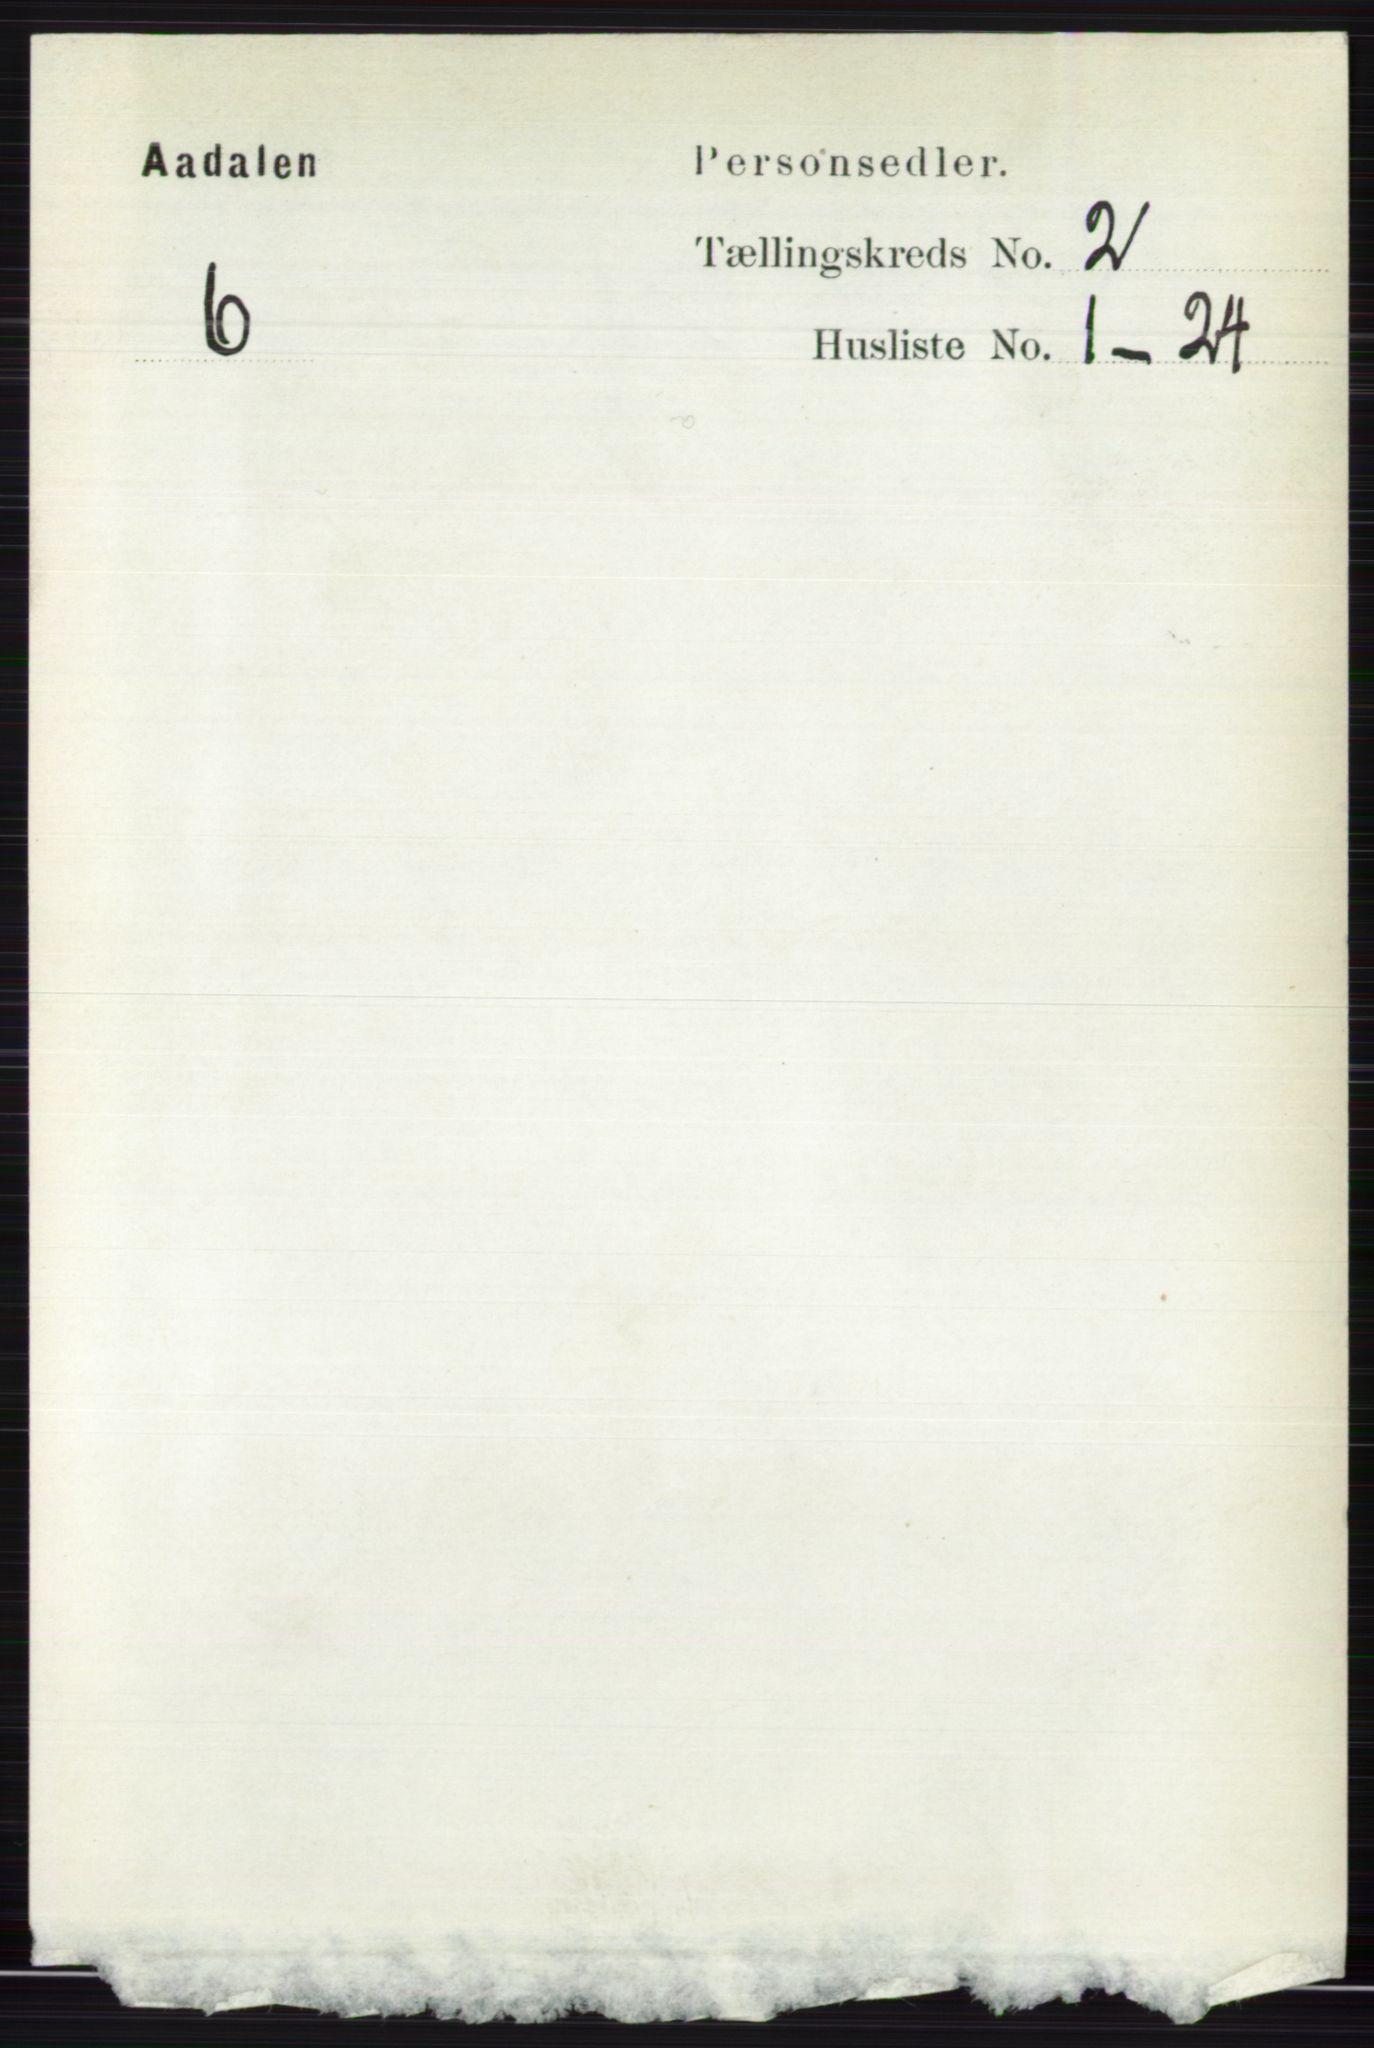 RA, Folketelling 1891 for 0614 Ådal herred, 1891, s. 638